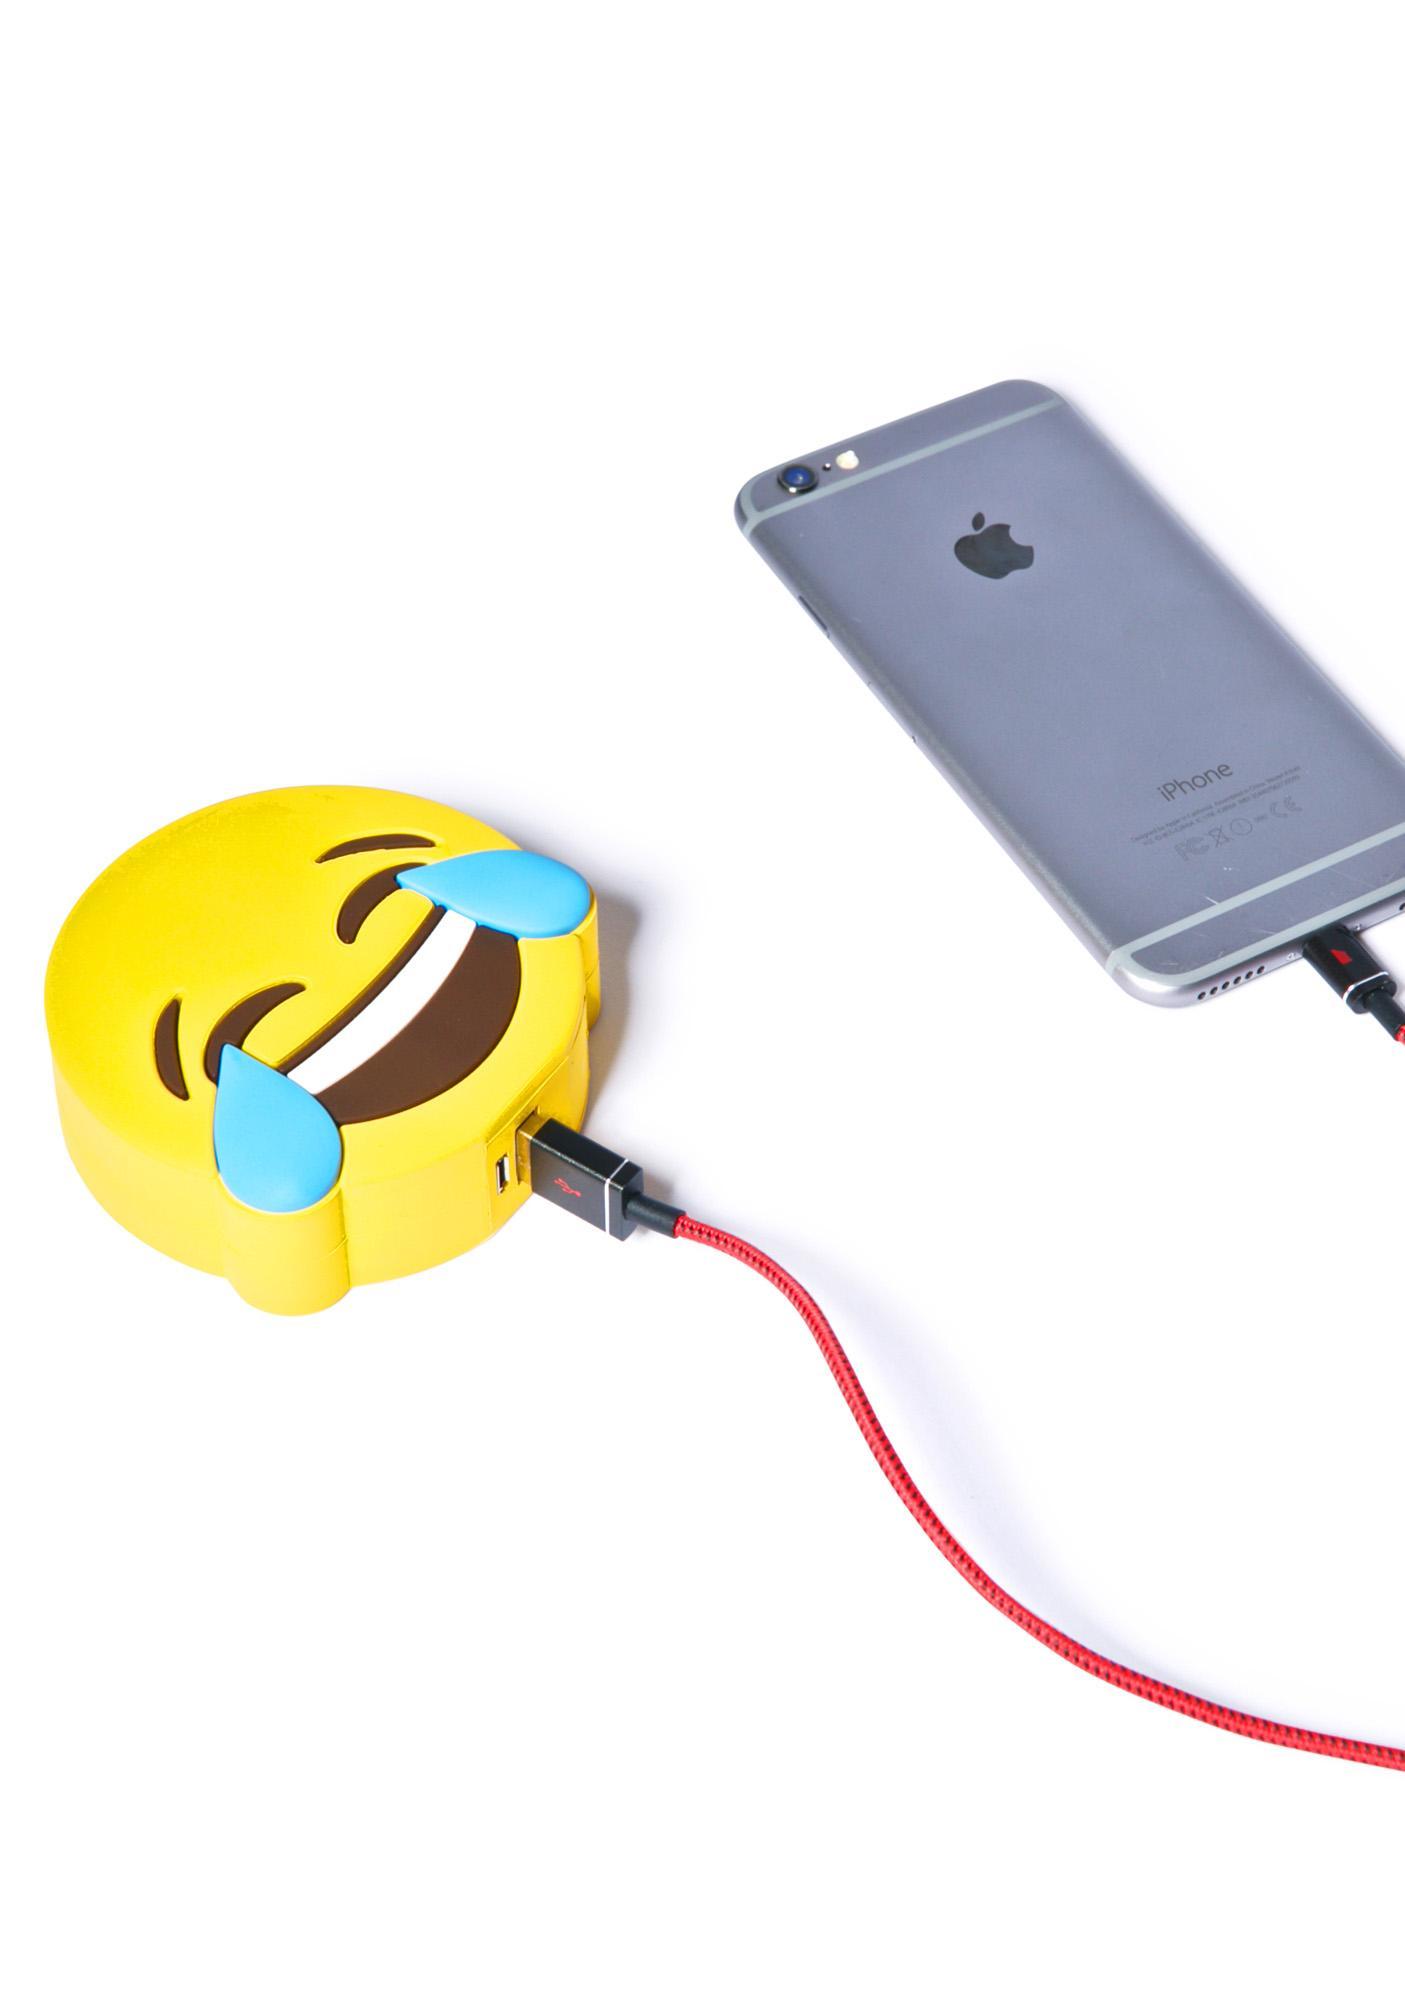 Wattzup Laughing Emoji Power Bank